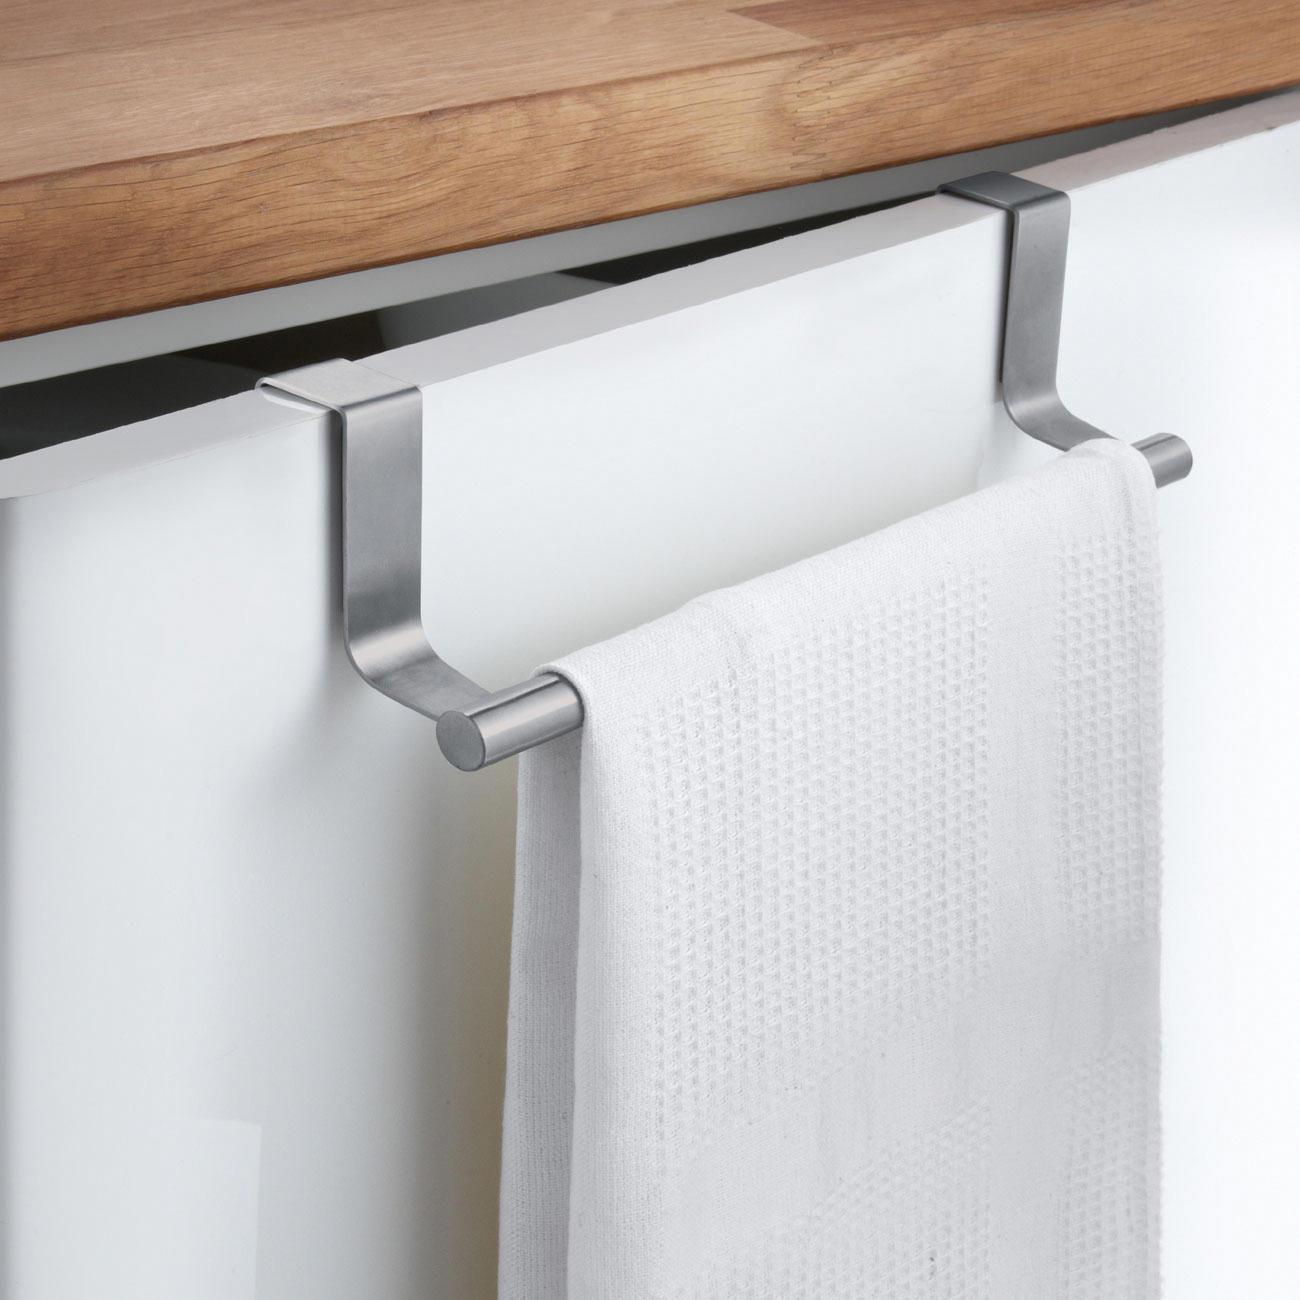 Handdoekhouder Set Van 2 3 Jaar Productgarantie Pro Idee